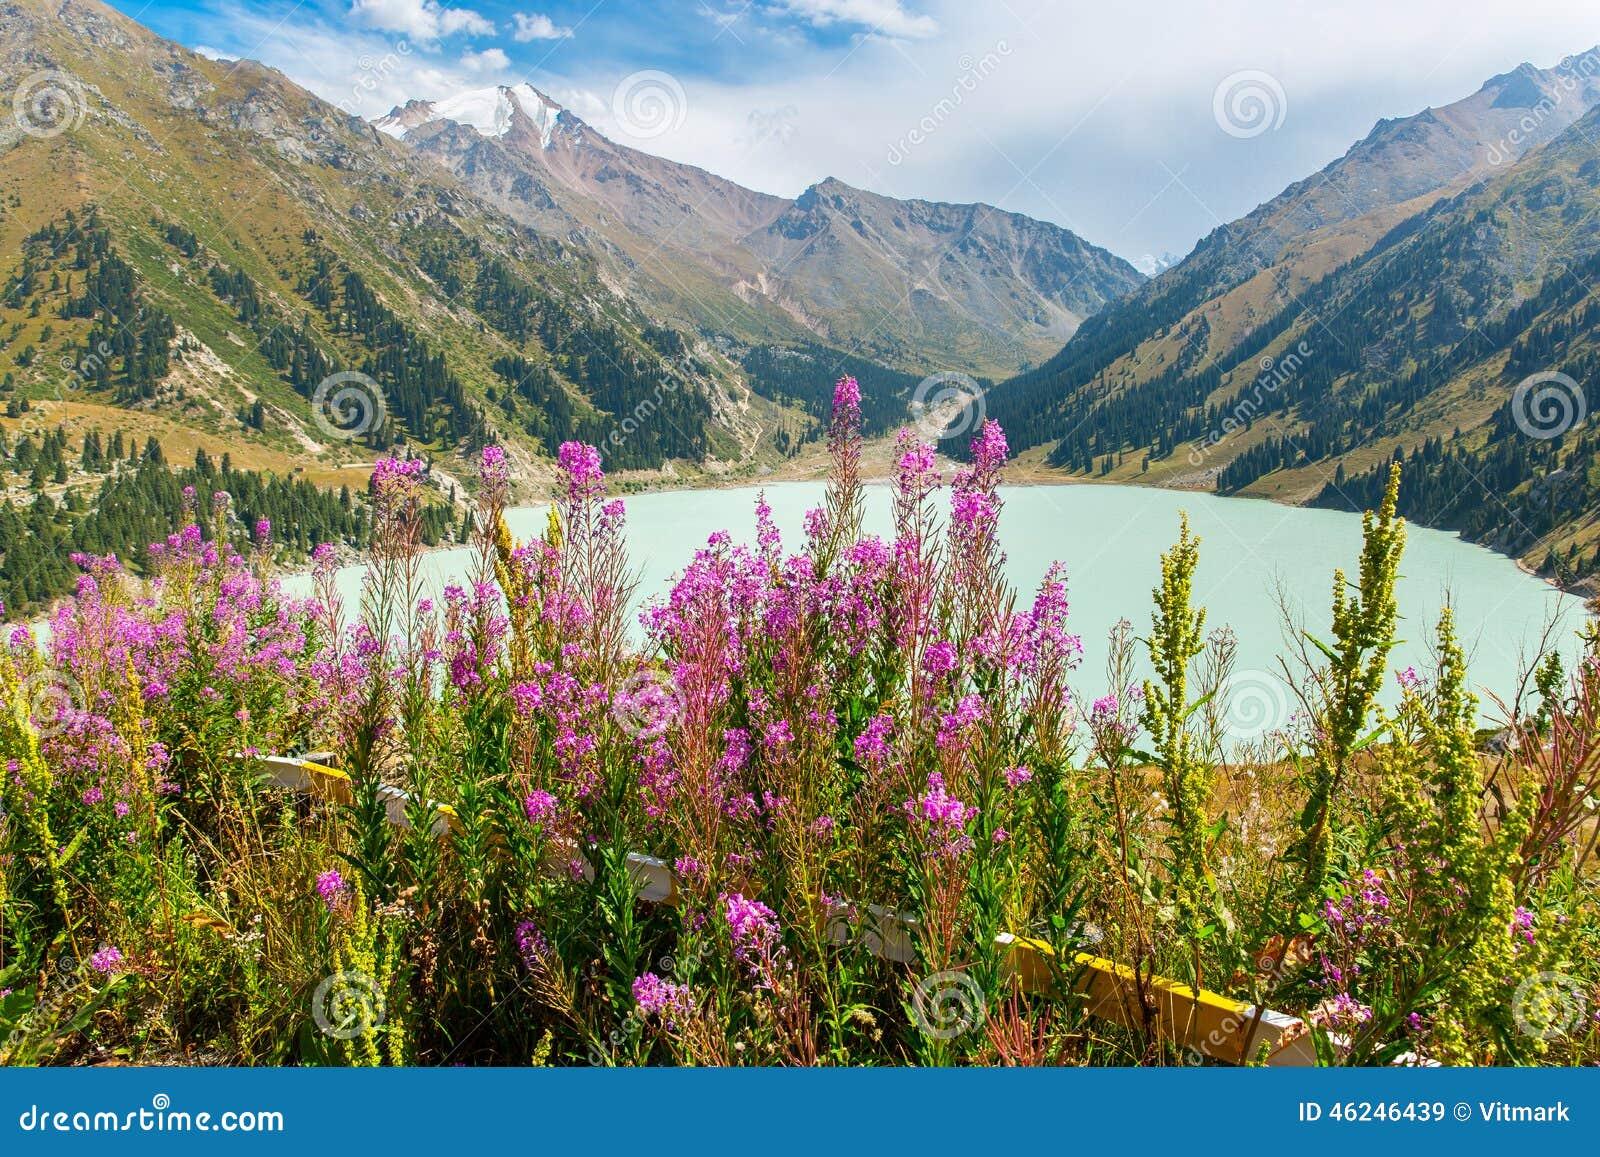 Θεαματική φυσική μεγάλη λίμνη του Αλμάτι, βουνά της Τιέν Σαν στο Αλμάτι, Καζακστάν, Ασία